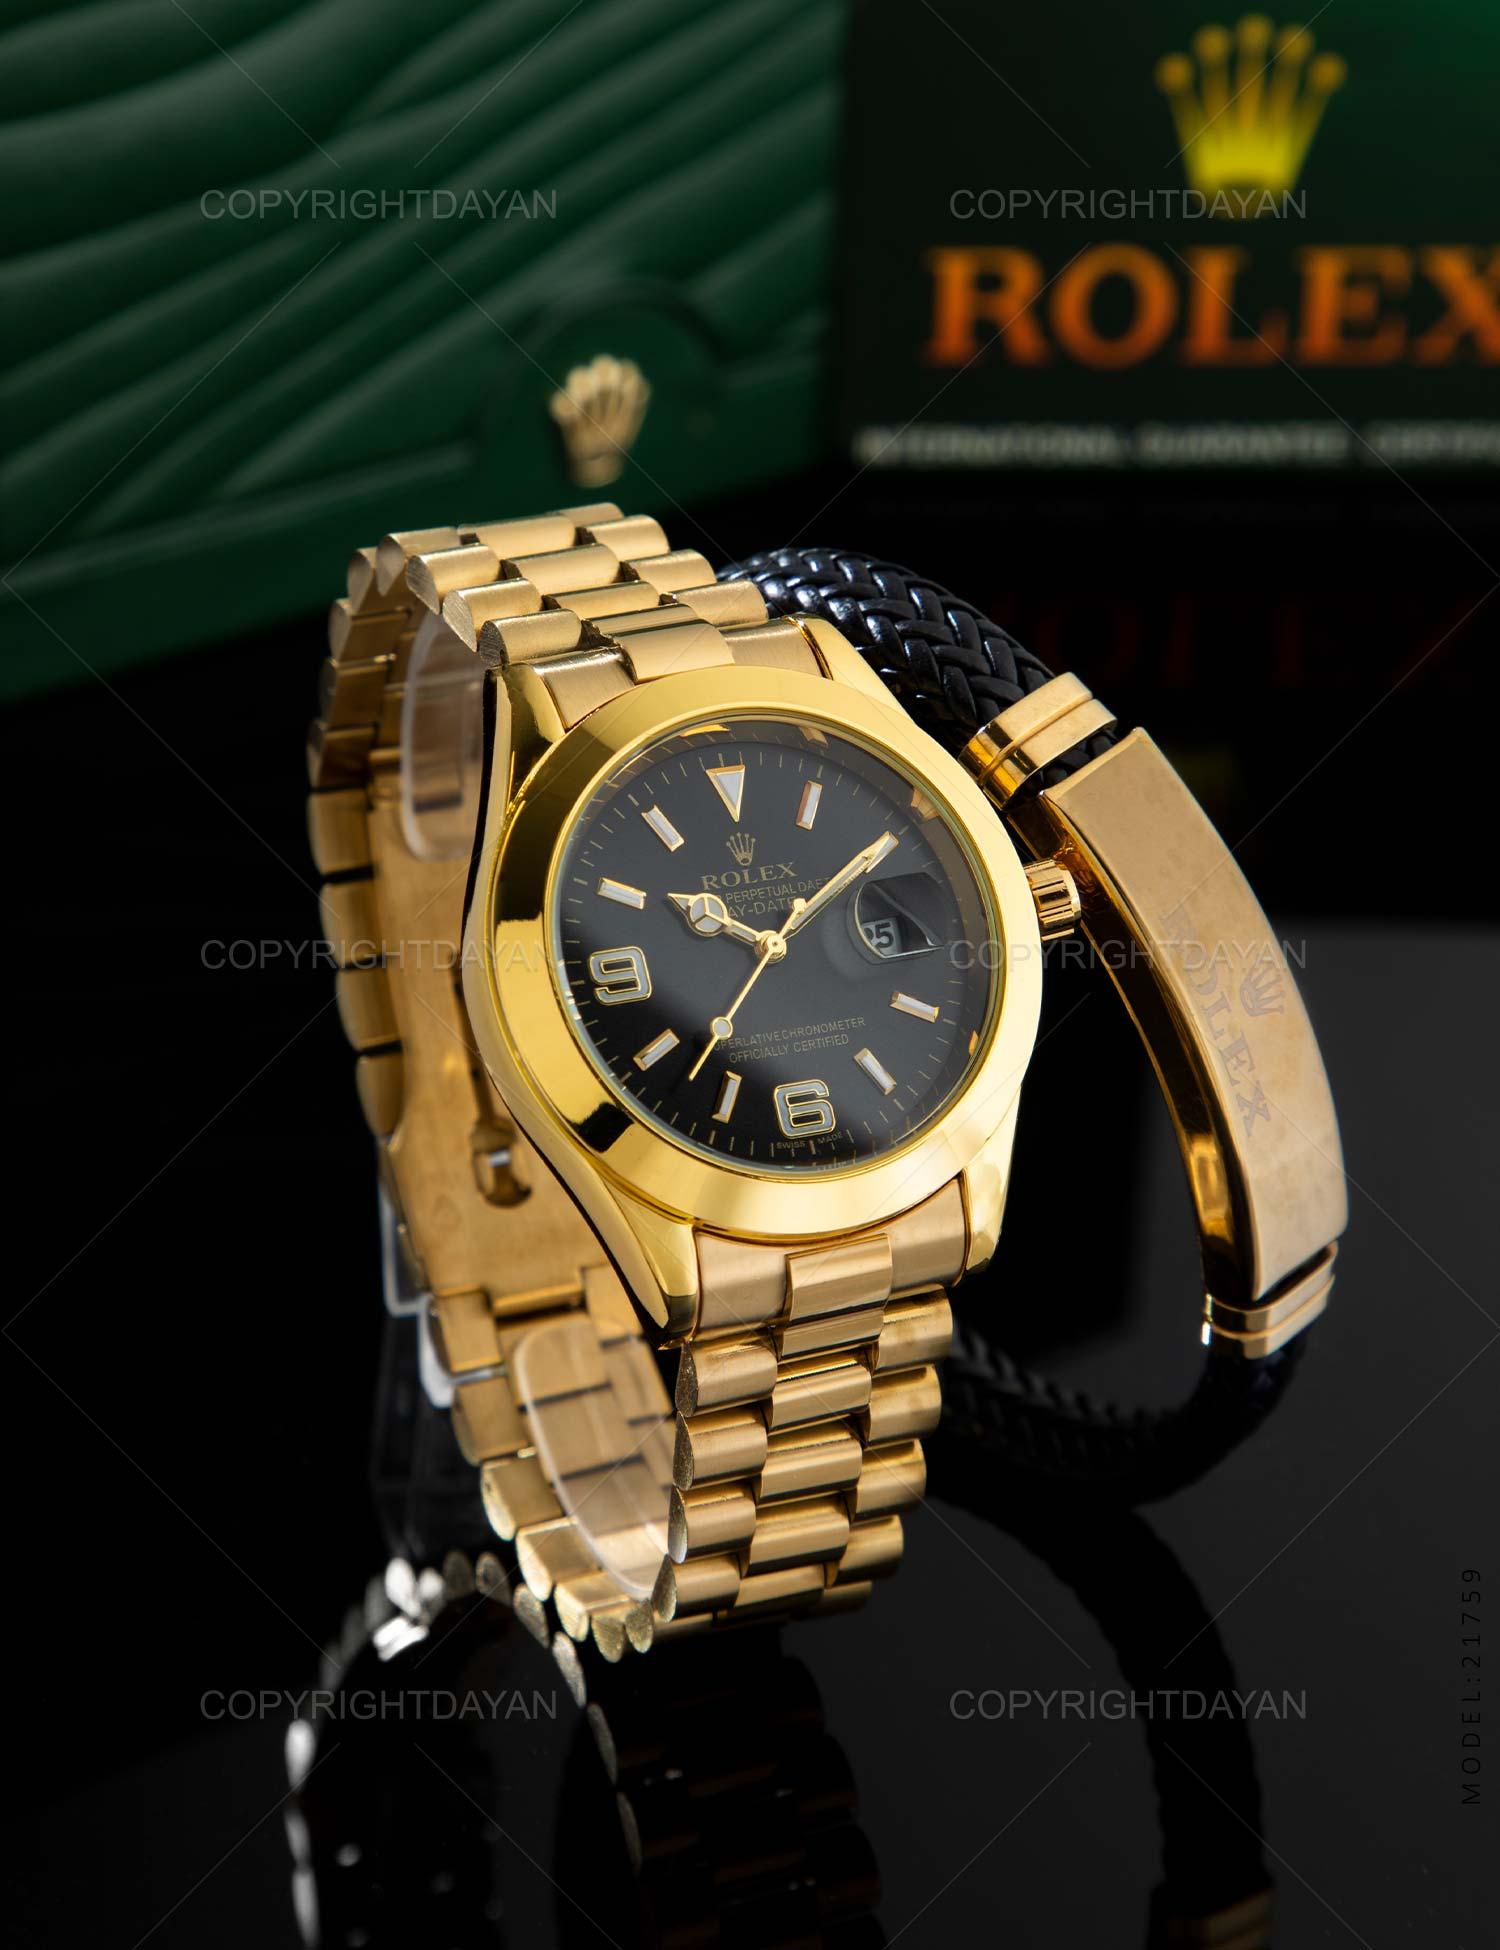 ساعت مچی مردانه Rolex مدل 21759 ساعت مچی مردانه Rolex مدل 21759 259,000 تومان